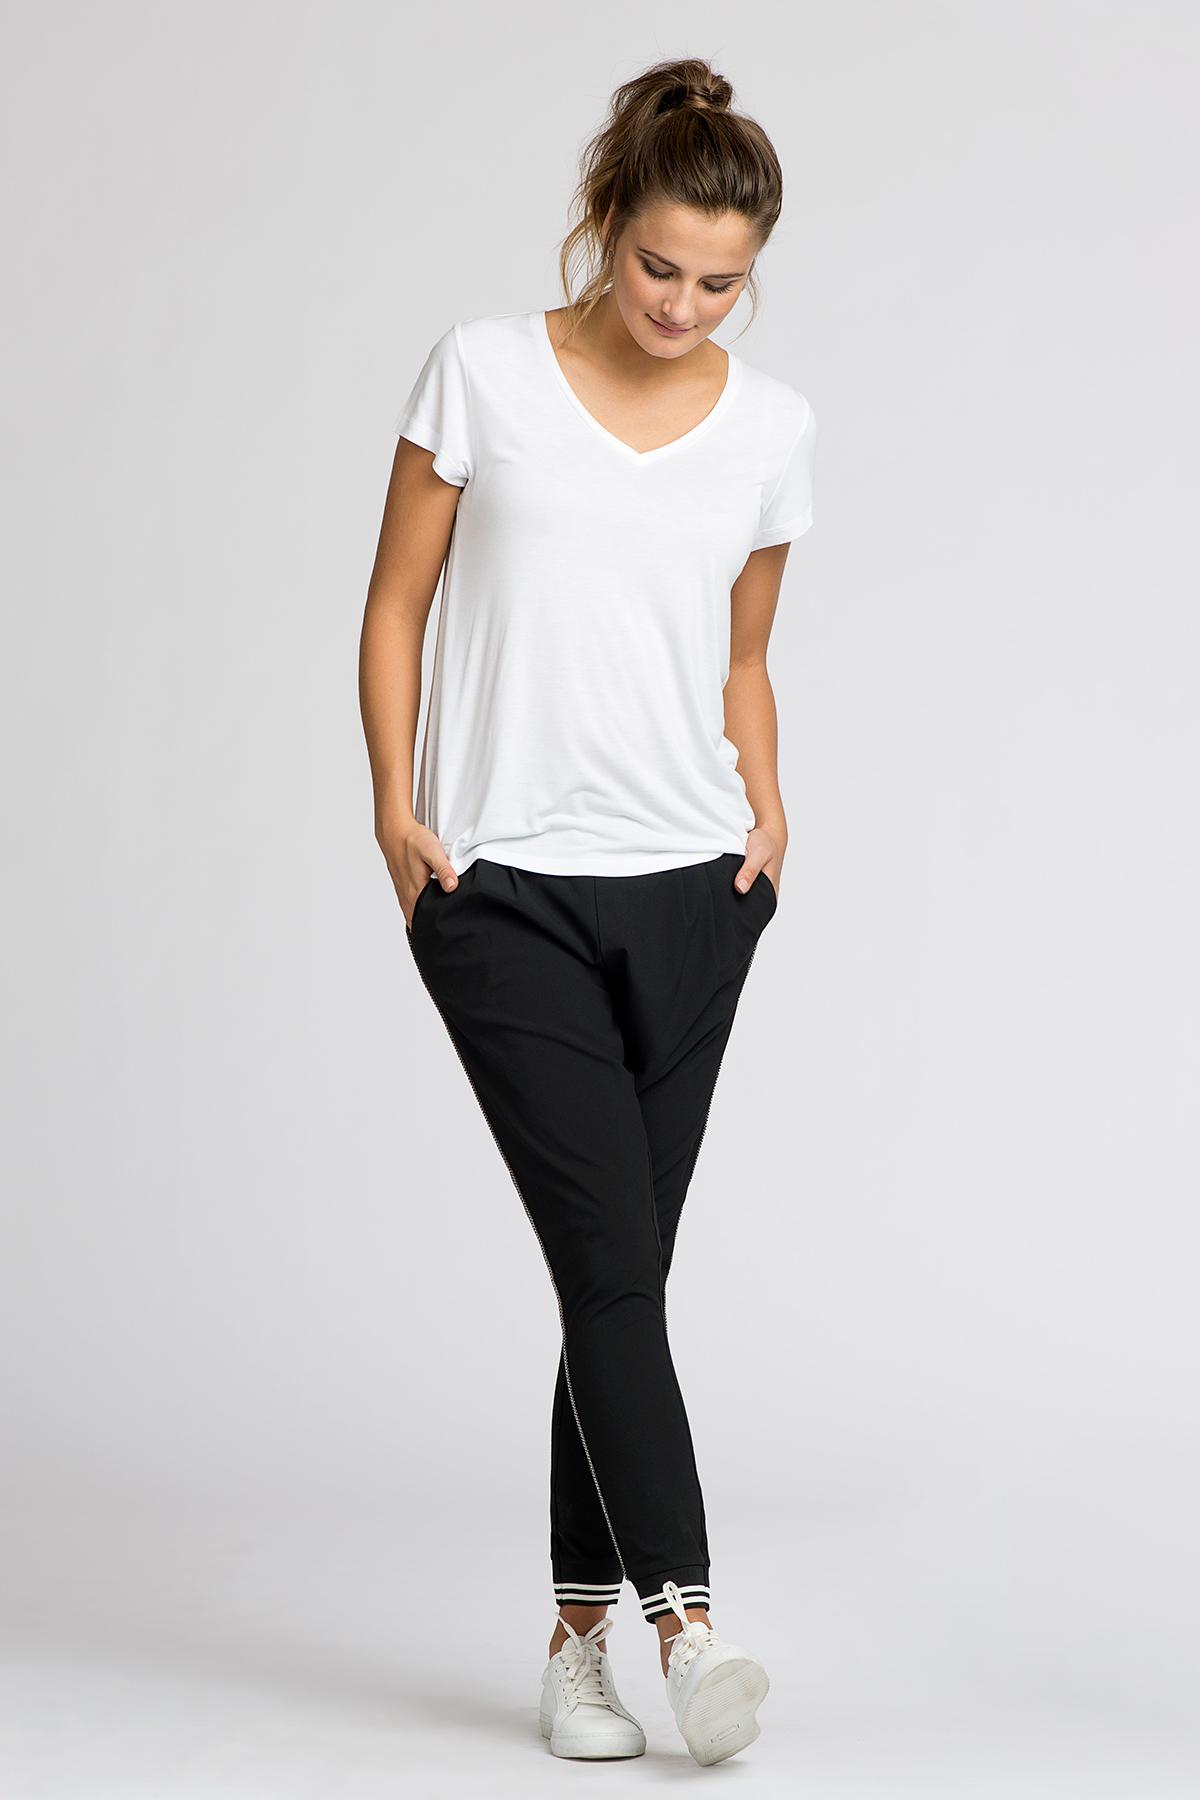 Hvid Kortærmet T-shirt fra Kaffe – Køb Hvid Kortærmet T-shirt fra str. XS-XXL her